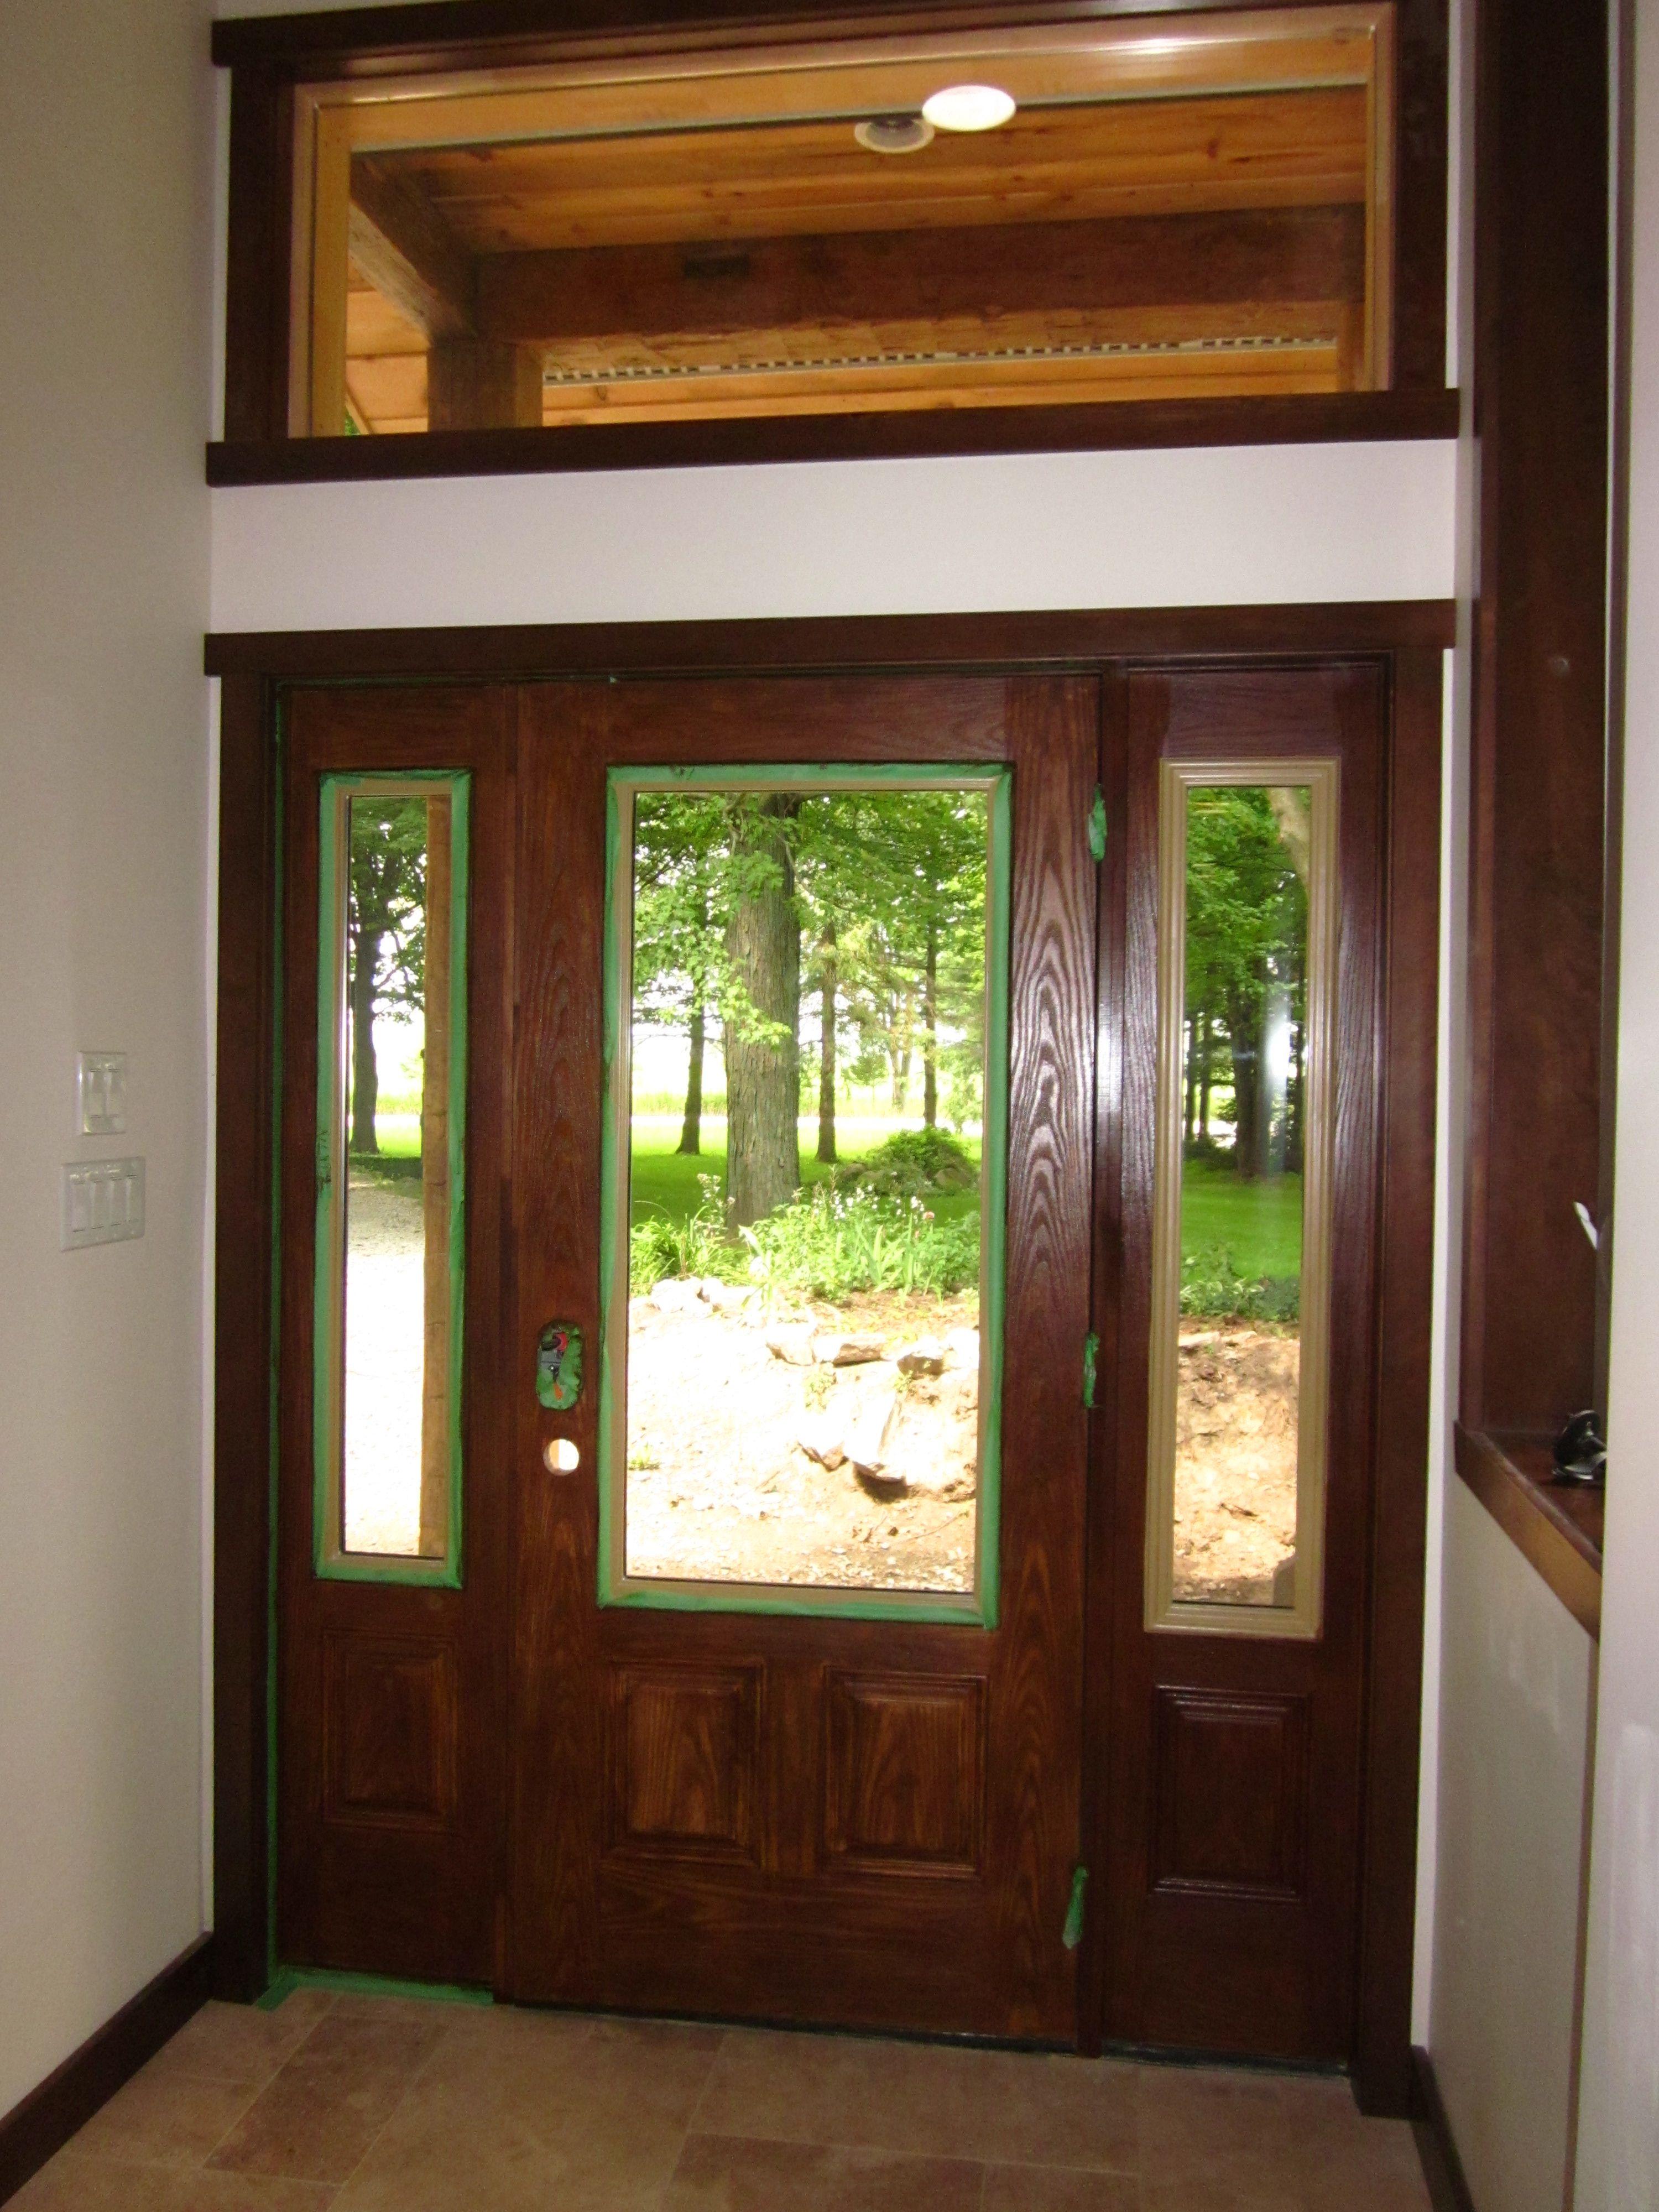 4000 #9D692E Minwax Gel Stain Fiberglass Door Gel Stained Fiberglass Door image Fiberglass Doors 41433000